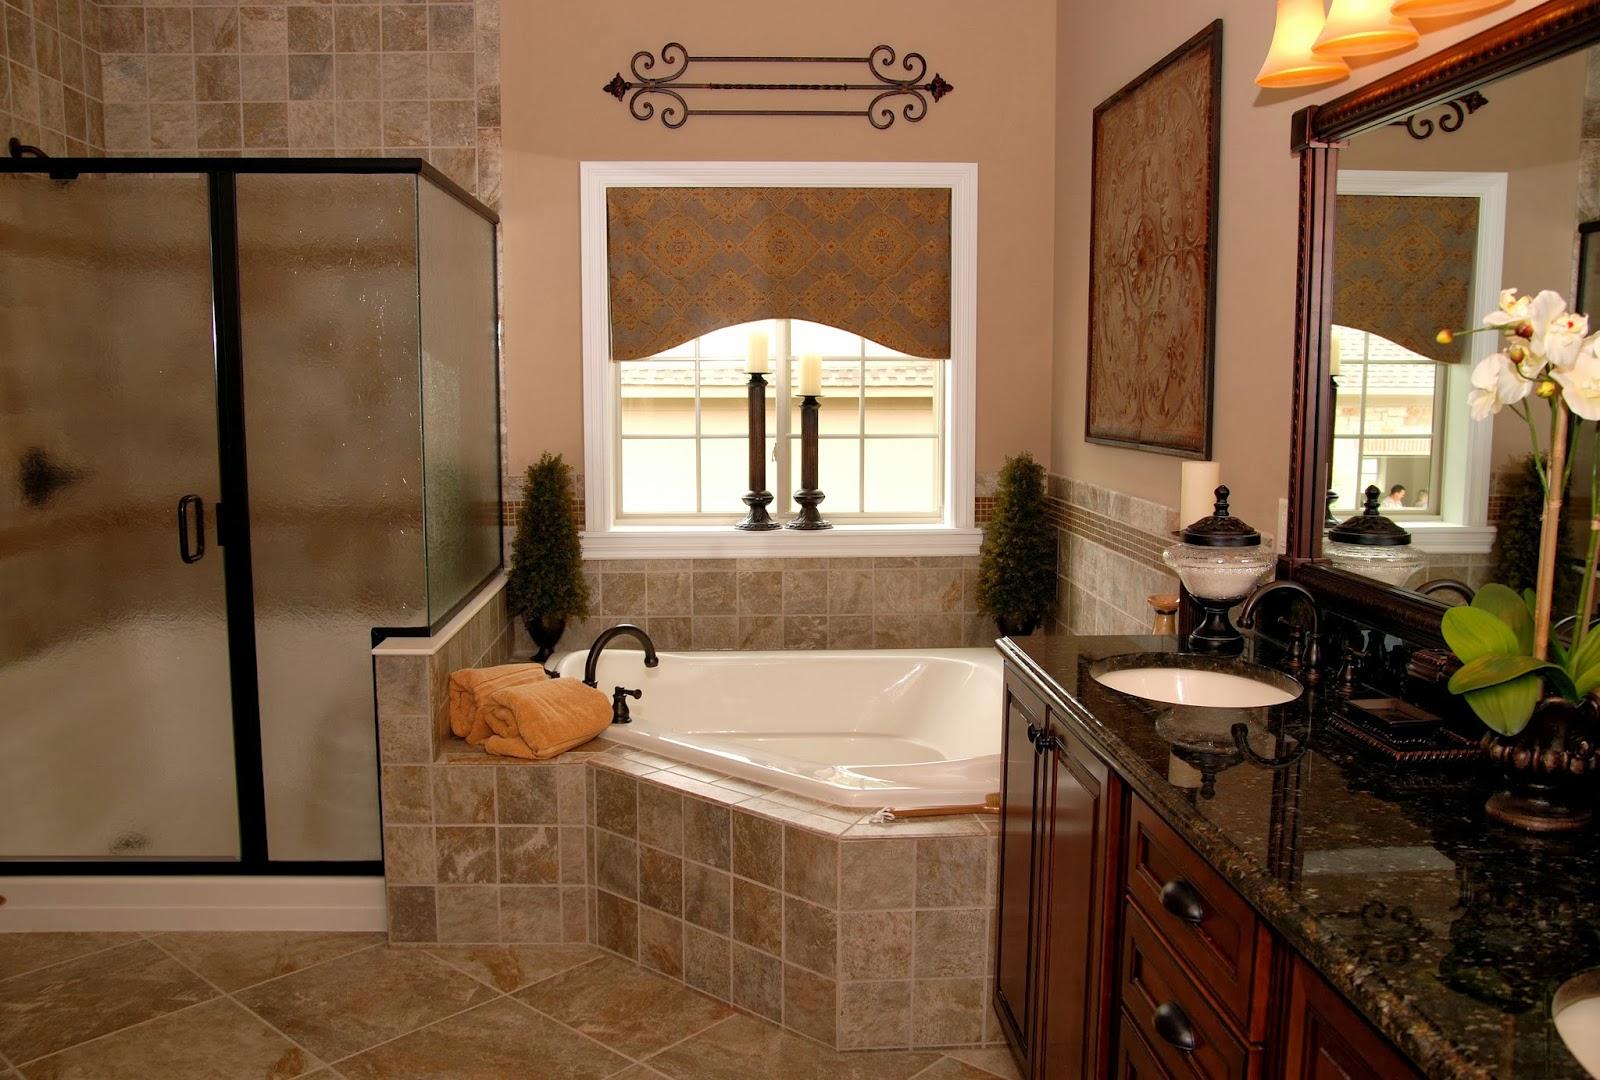 Decoração Banheiro decorado :Dicas e Decorar: Decoração Crochê  #C48507 1600x1080 Banheiro Com Azulejo Patchwork